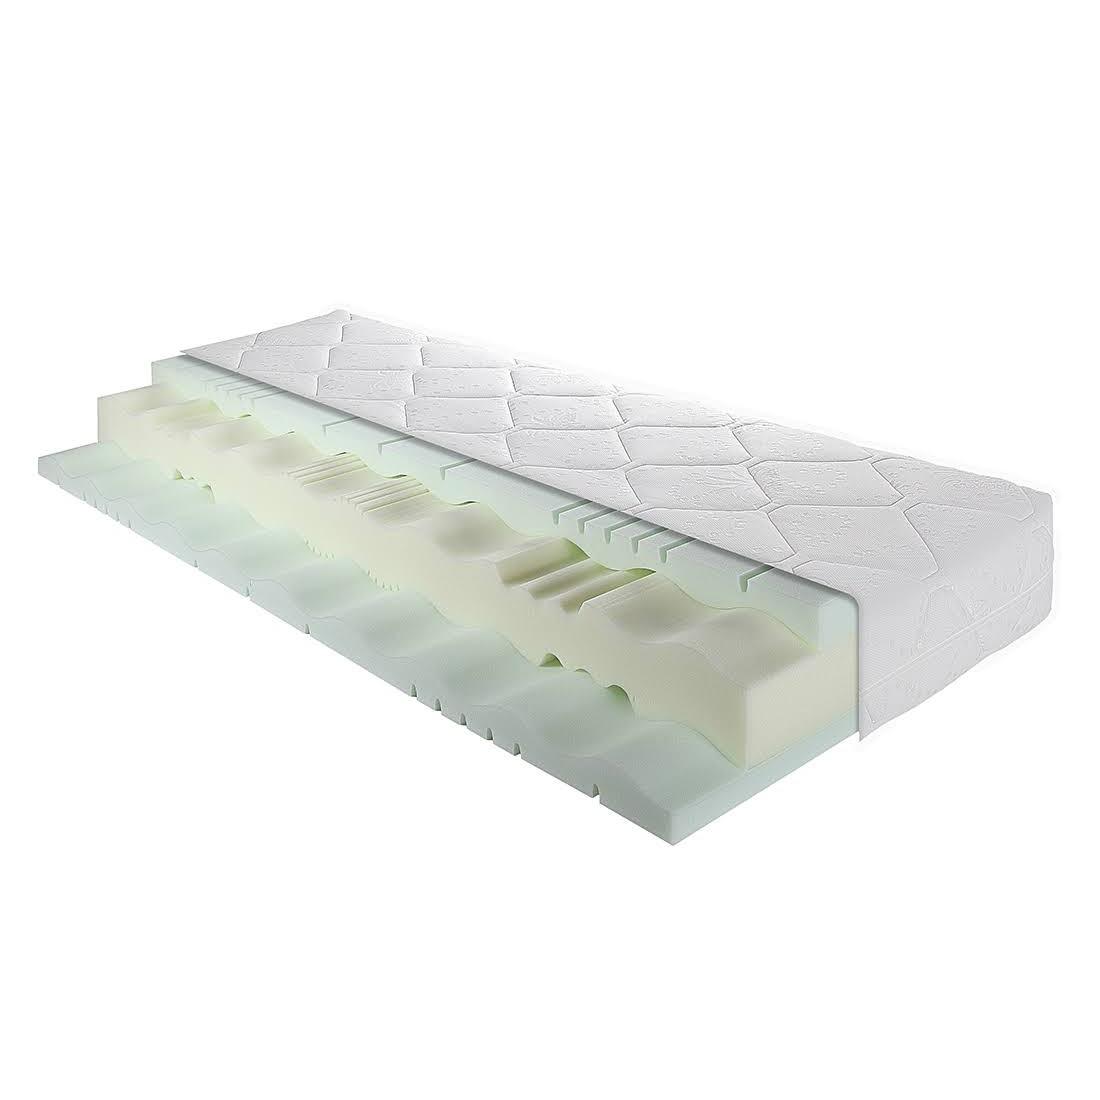 Matelas à mousse froide 7 zones Highline - 80 x 200cm - D2 jusqu'à 80 kg, Breckle